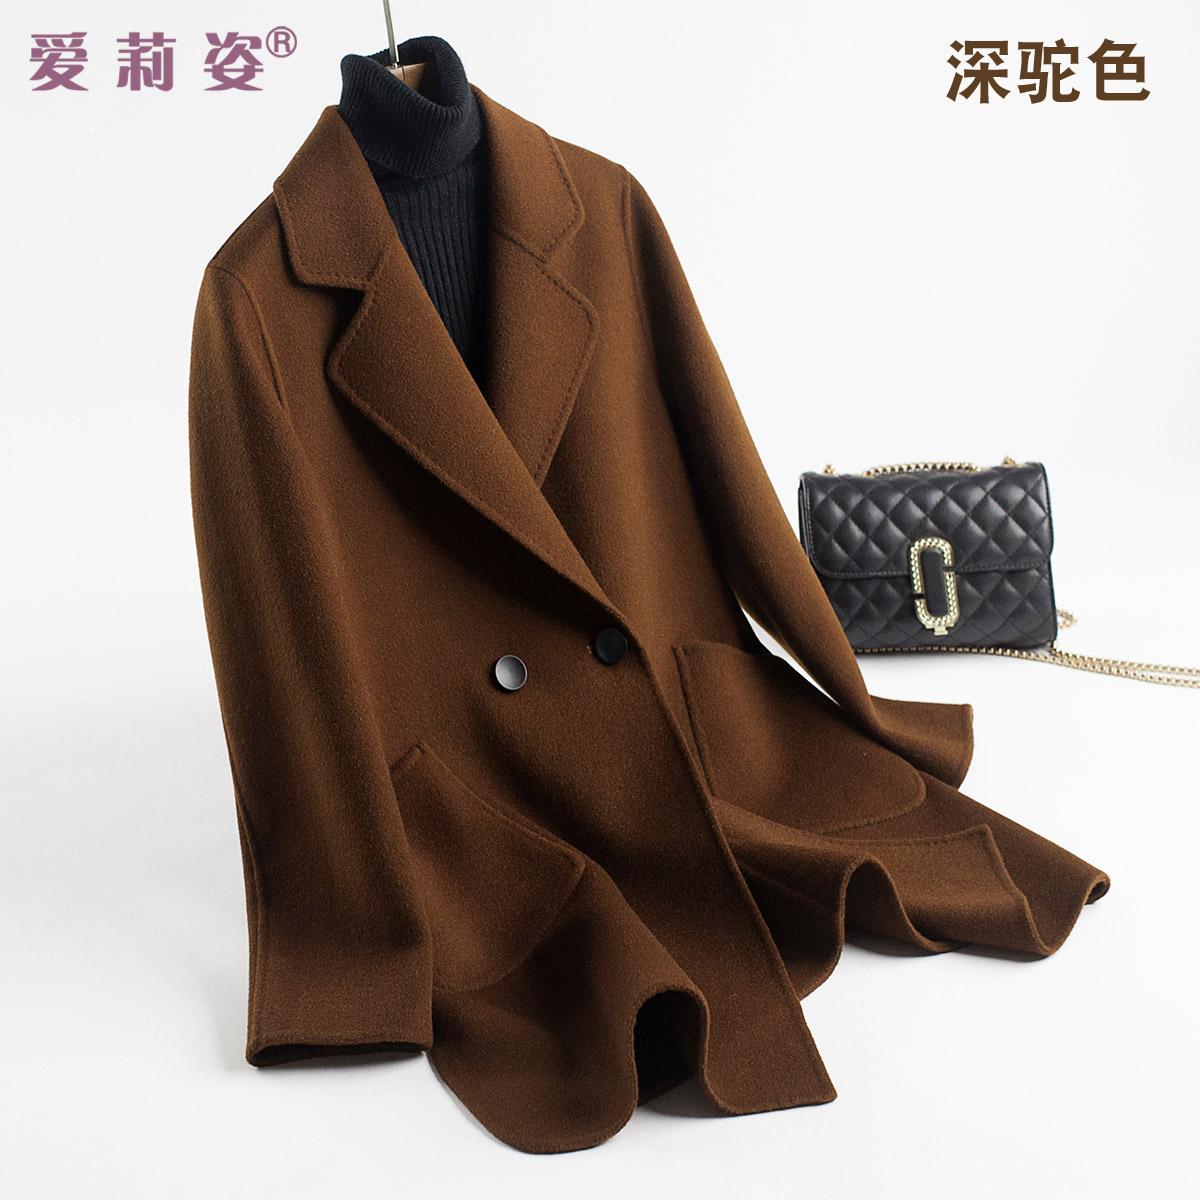 MM 清仓双面绒毛呢外套大码女装羊绒大衣羊毛呢子秋冬中长款中年胖